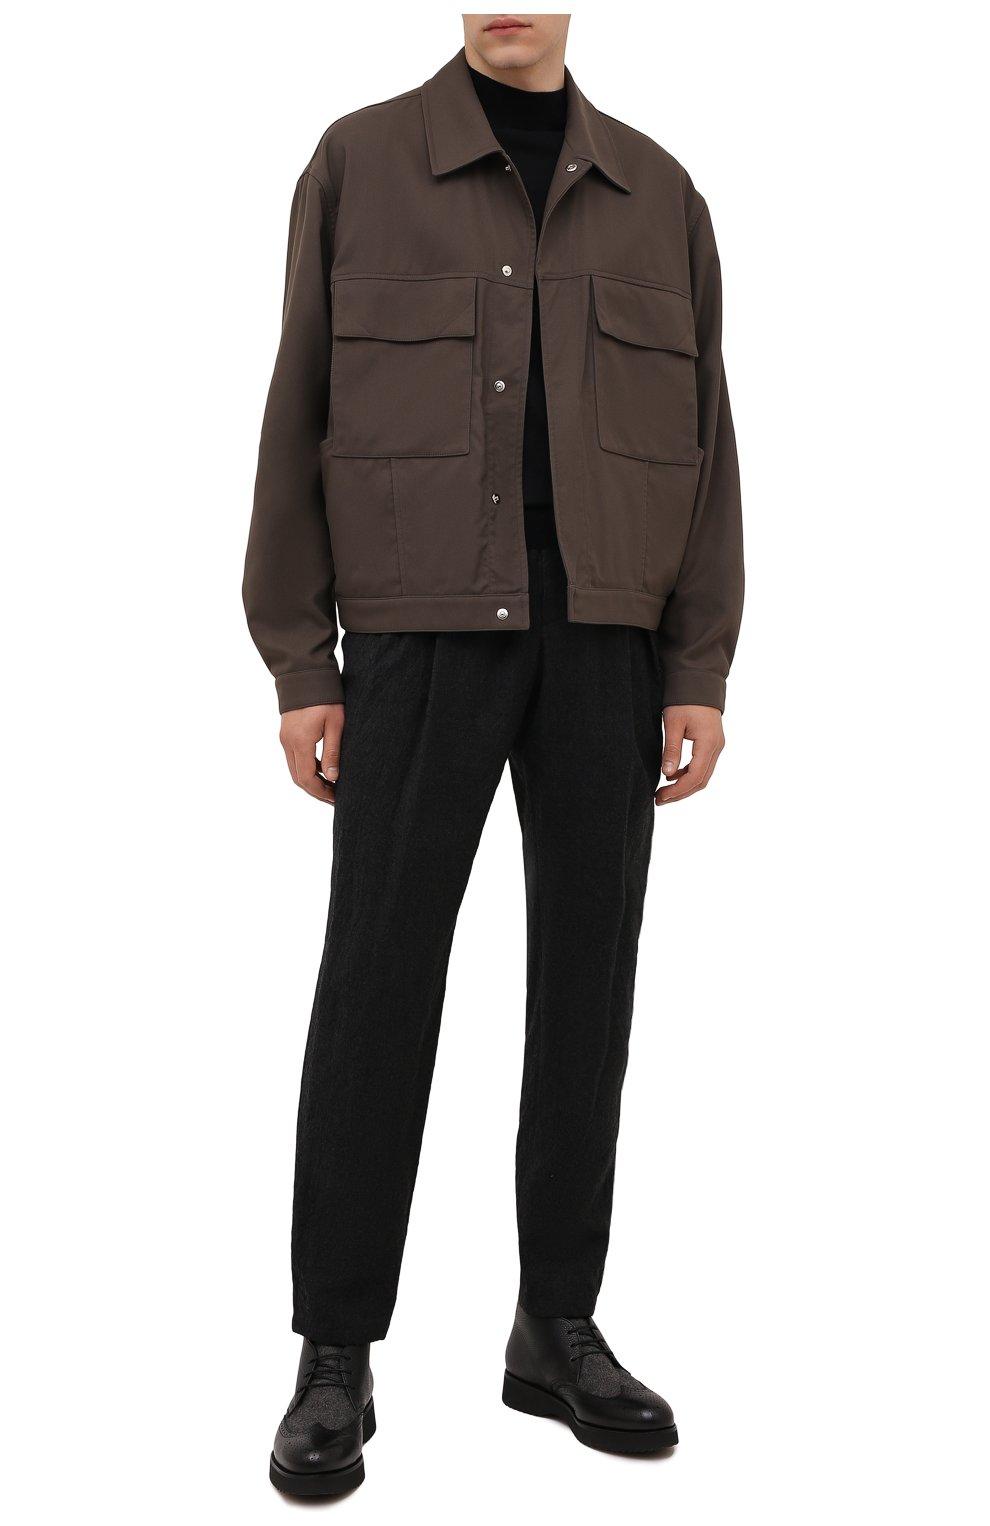 Мужские комбинированные ботинки DOUCAL'S черного цвета, арт. DU2888DAK0PT208NN00 | Фото 2 (Материал внешний: Текстиль; Мужское Кросс-КТ: Ботинки-обувь, Дезерты-обувь; Материал внутренний: Натуральная кожа, Текстиль; Подошва: Плоская)